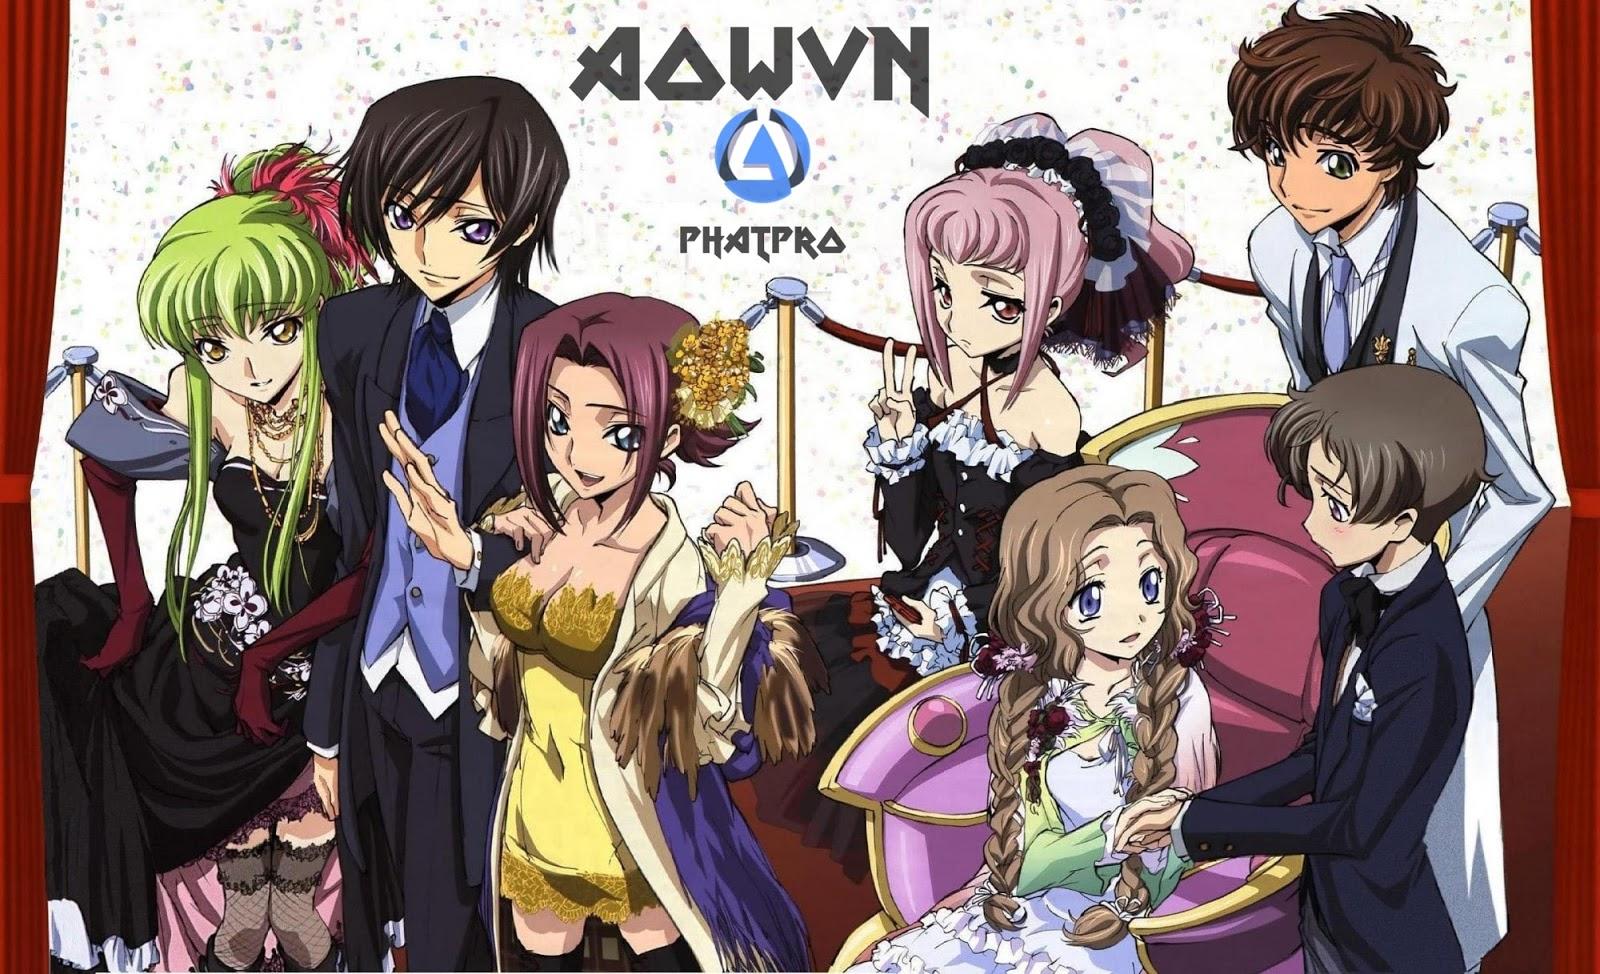 CG%2B %2BPhatpro%2B%25284%2529 min - [ Anime 3gp Mp4 ] Code Geass SS1 + SS2 + Movie BD | Vietsub - Hành Động Mecha Tuyệt Đỉnh - Nên Xem Ít Nhất Một Lần!